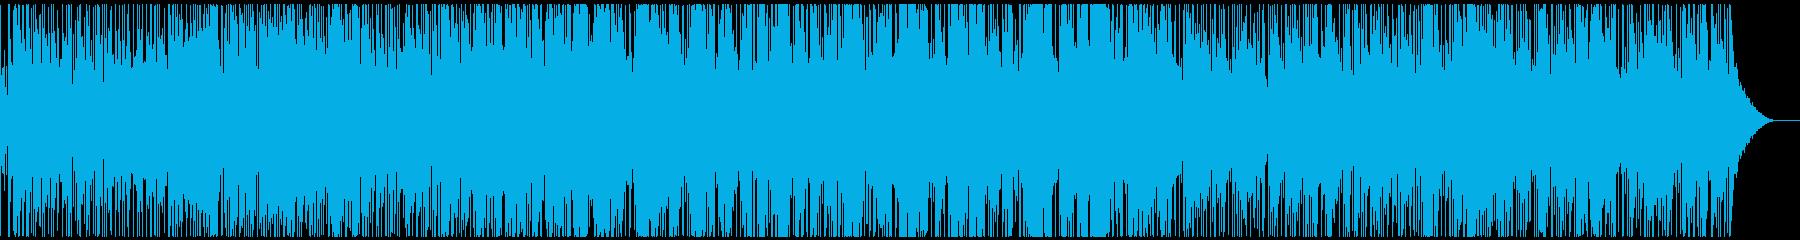 生音・生演奏サックスの軽快スムースジャズの再生済みの波形